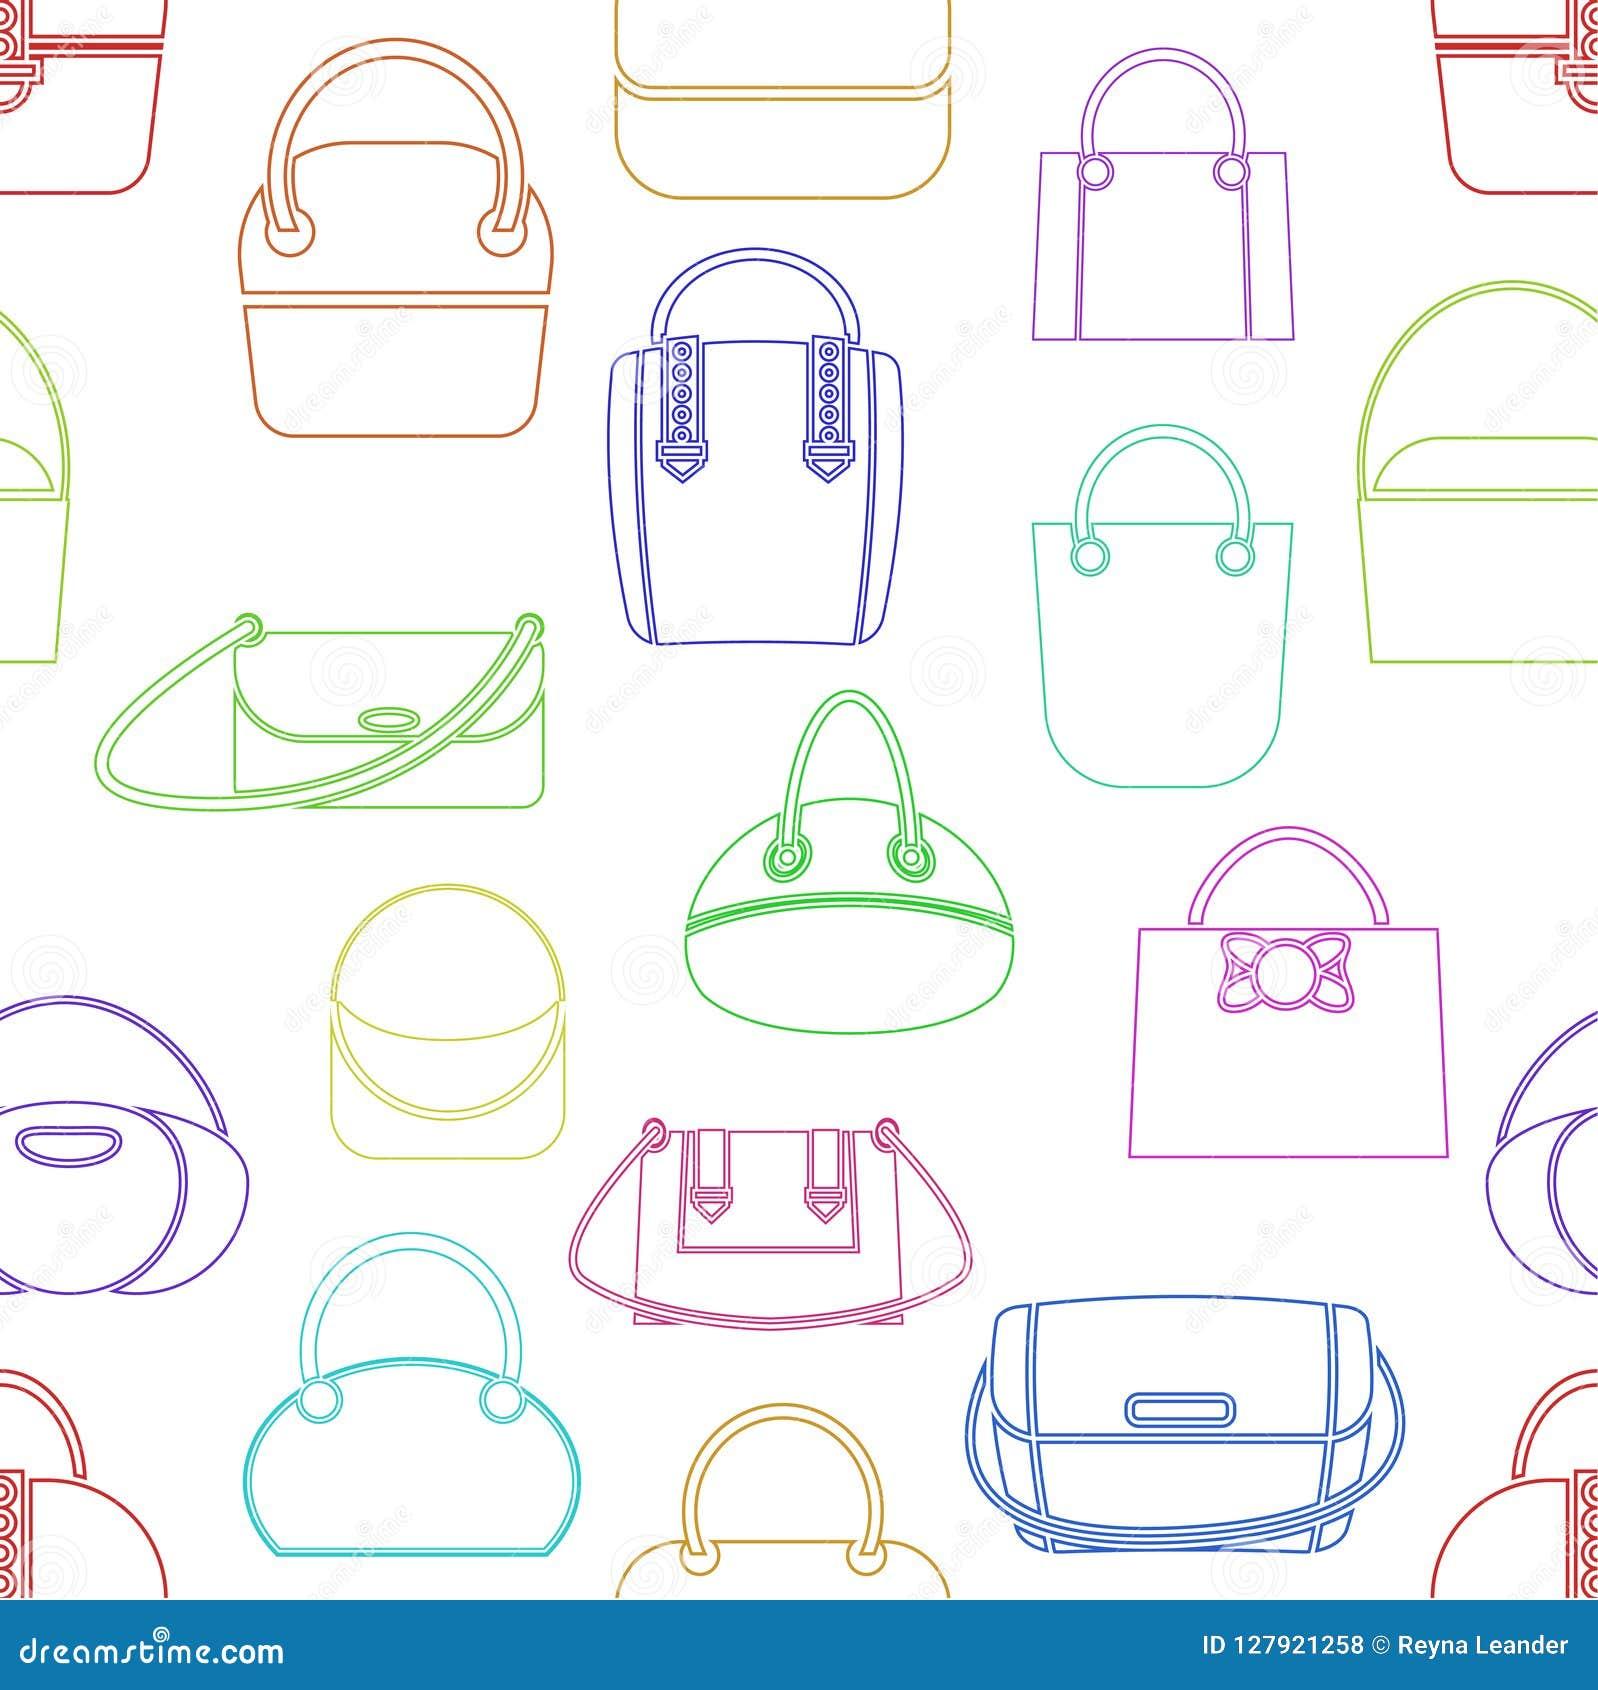 Modele de los diversos bolsos de las mujeres de moda s de diversos colores estilo linear Ilustración del vector